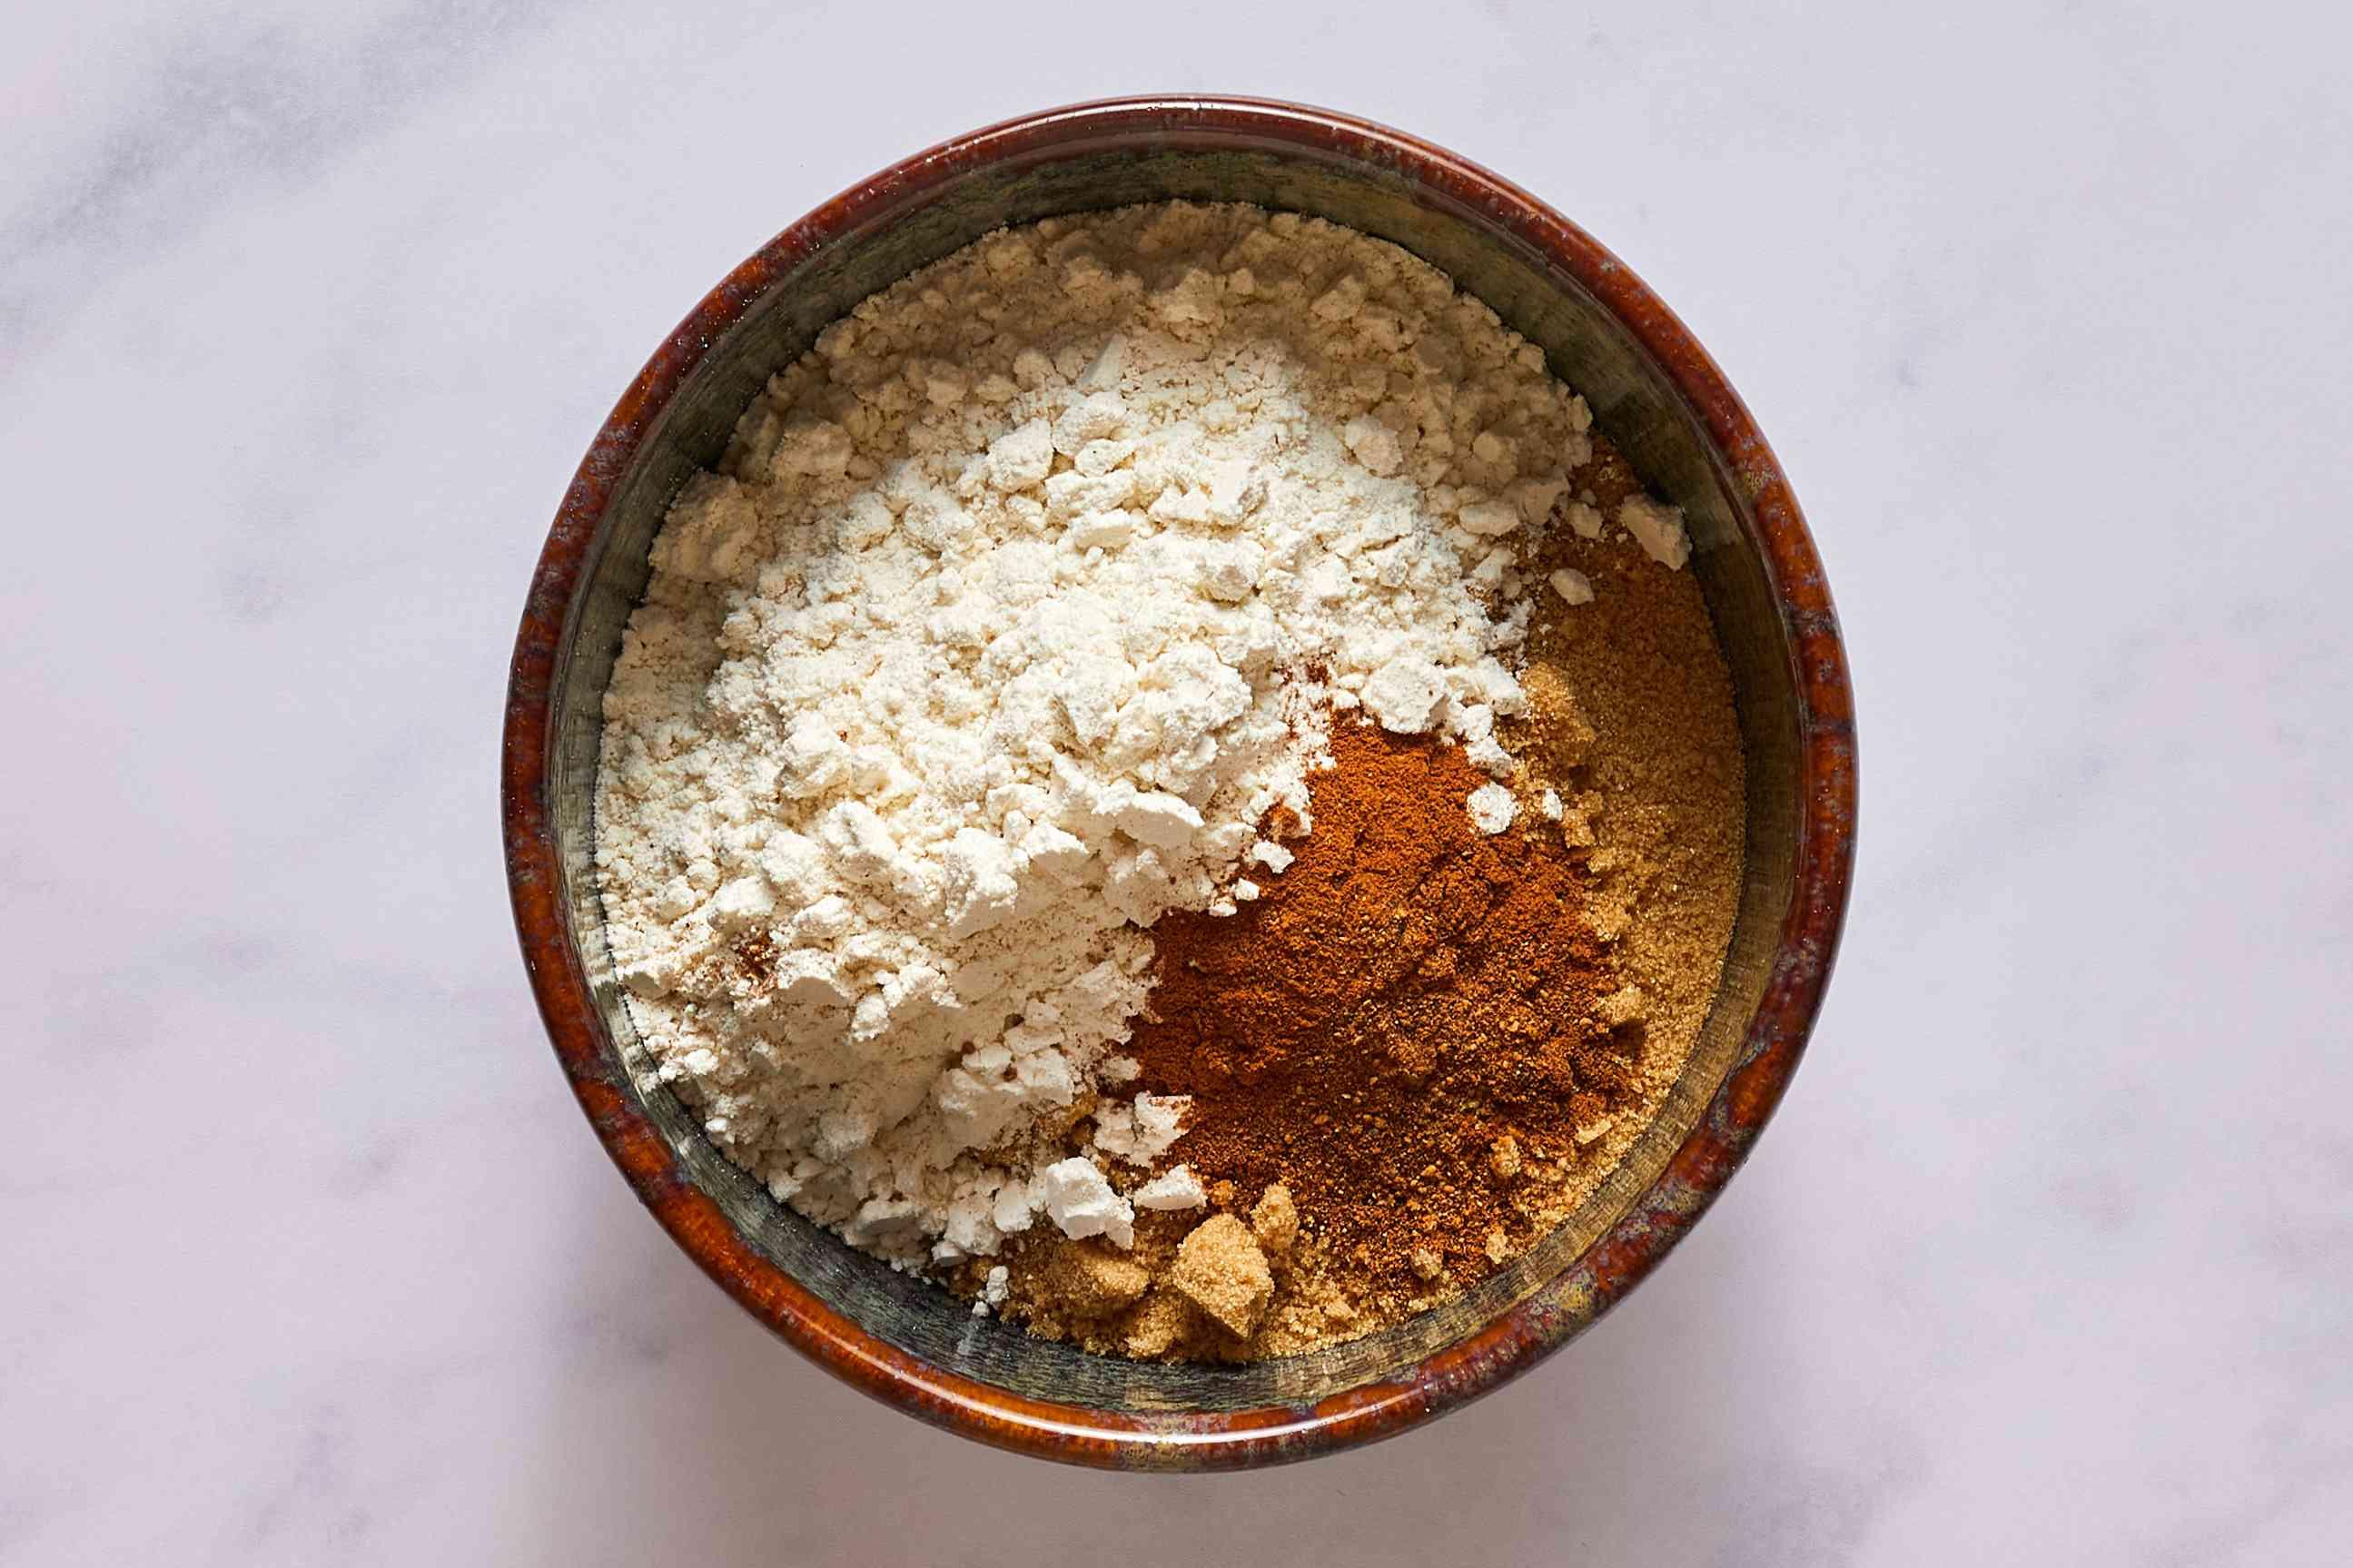 white sugar, brown sugar, flour, cinnamon, and nutmeg in a bowl